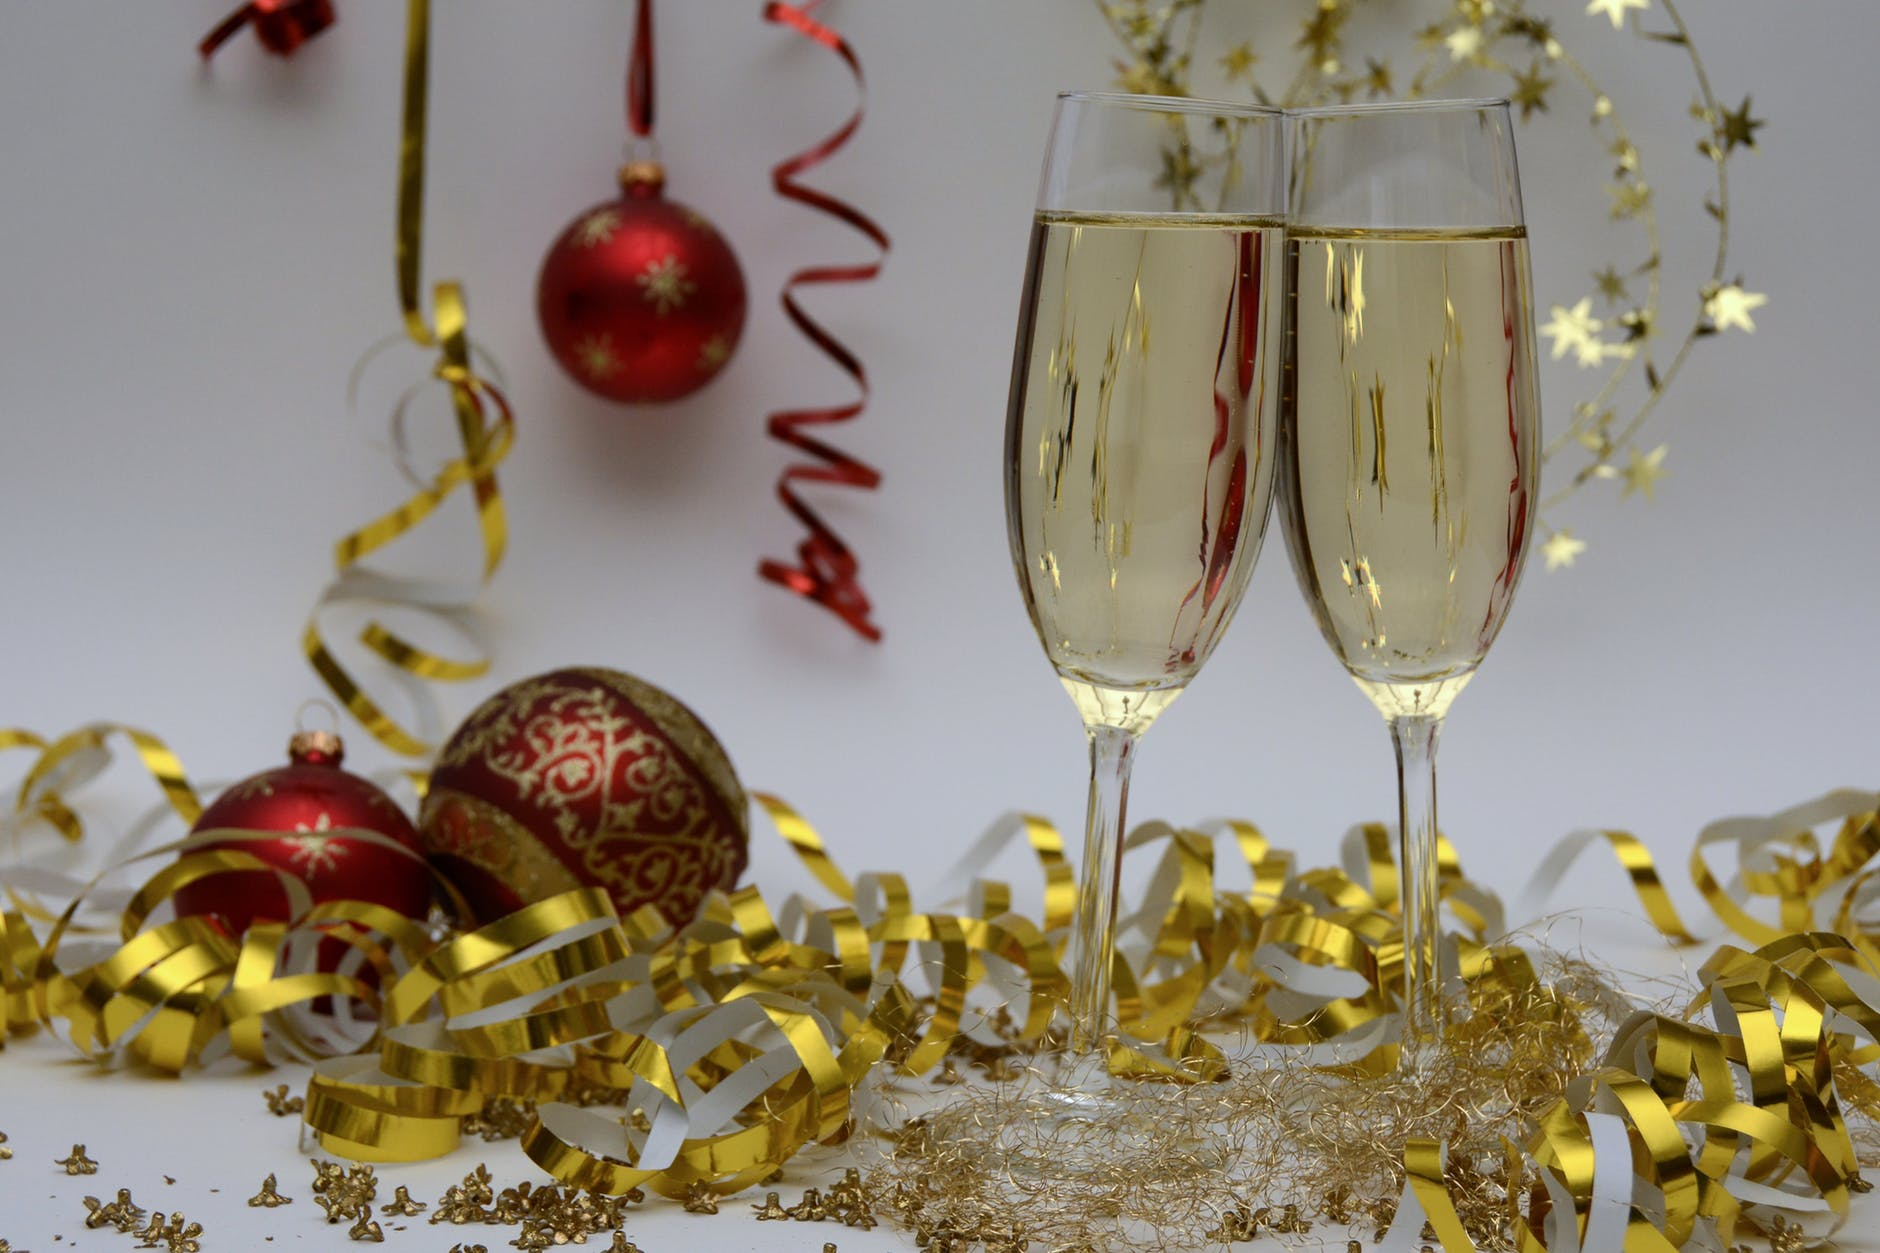 alcohol alcoholic beverage celebrate